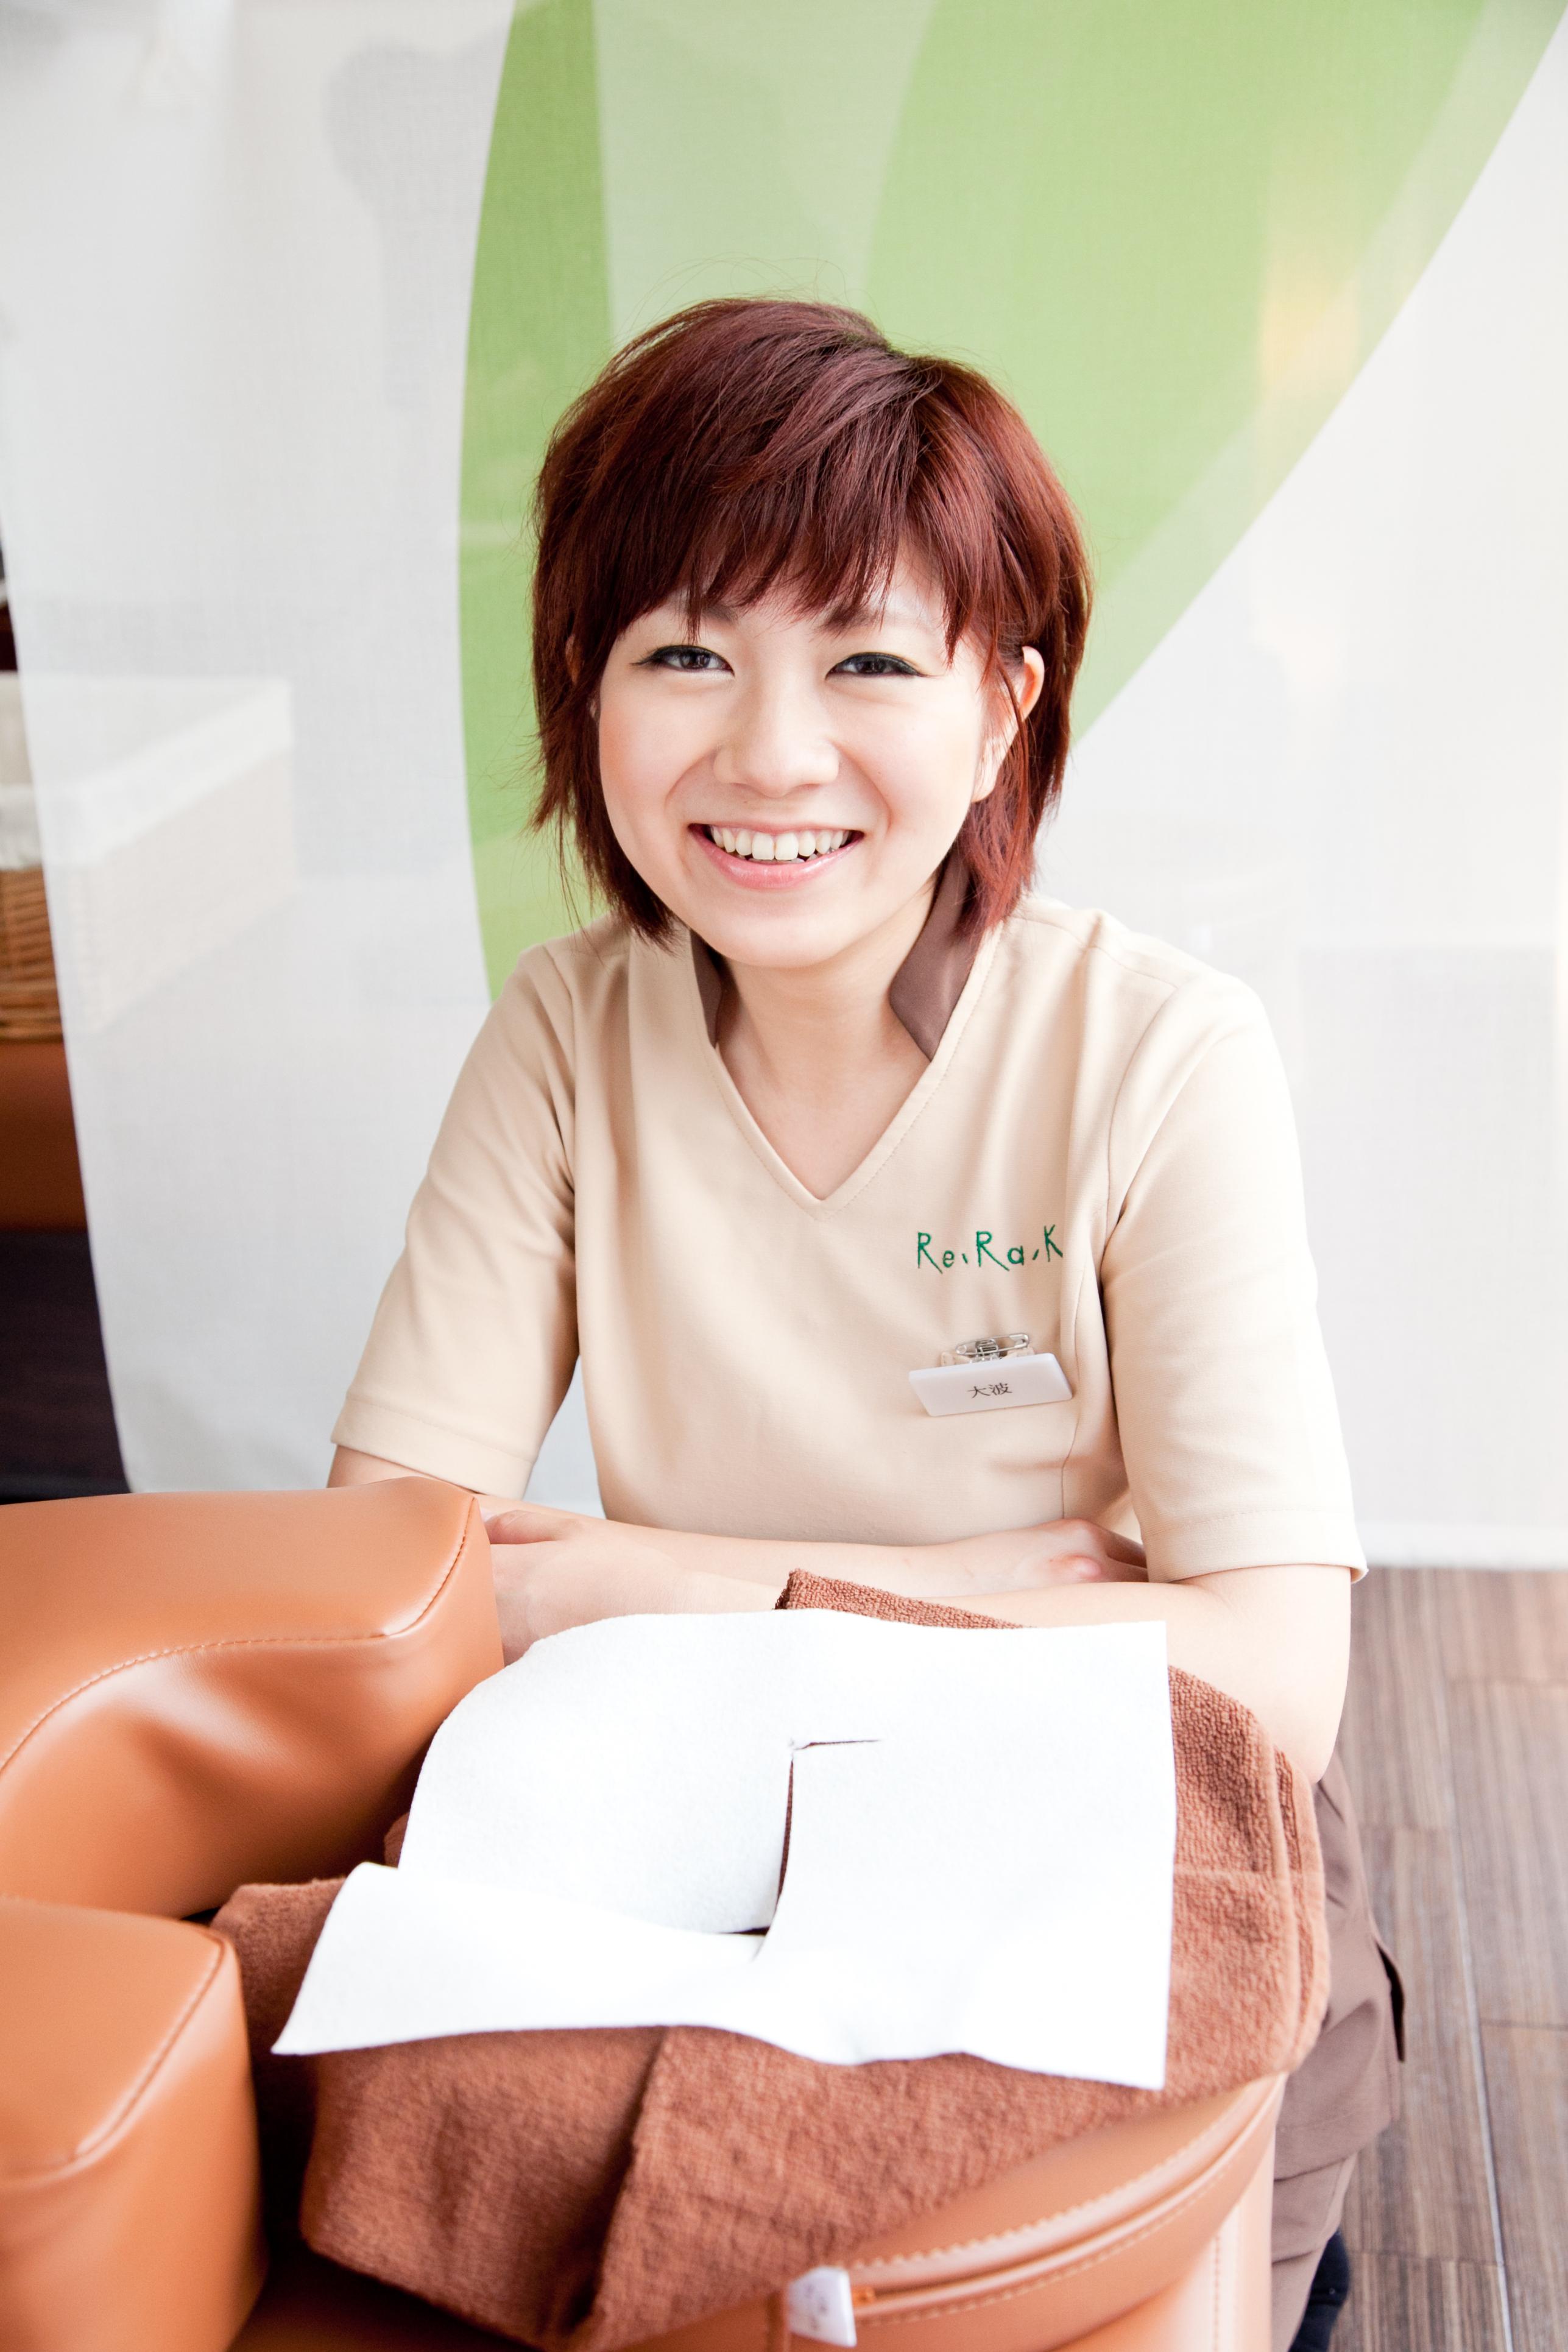 大波さん『Re.Ra.Ku高円寺店』